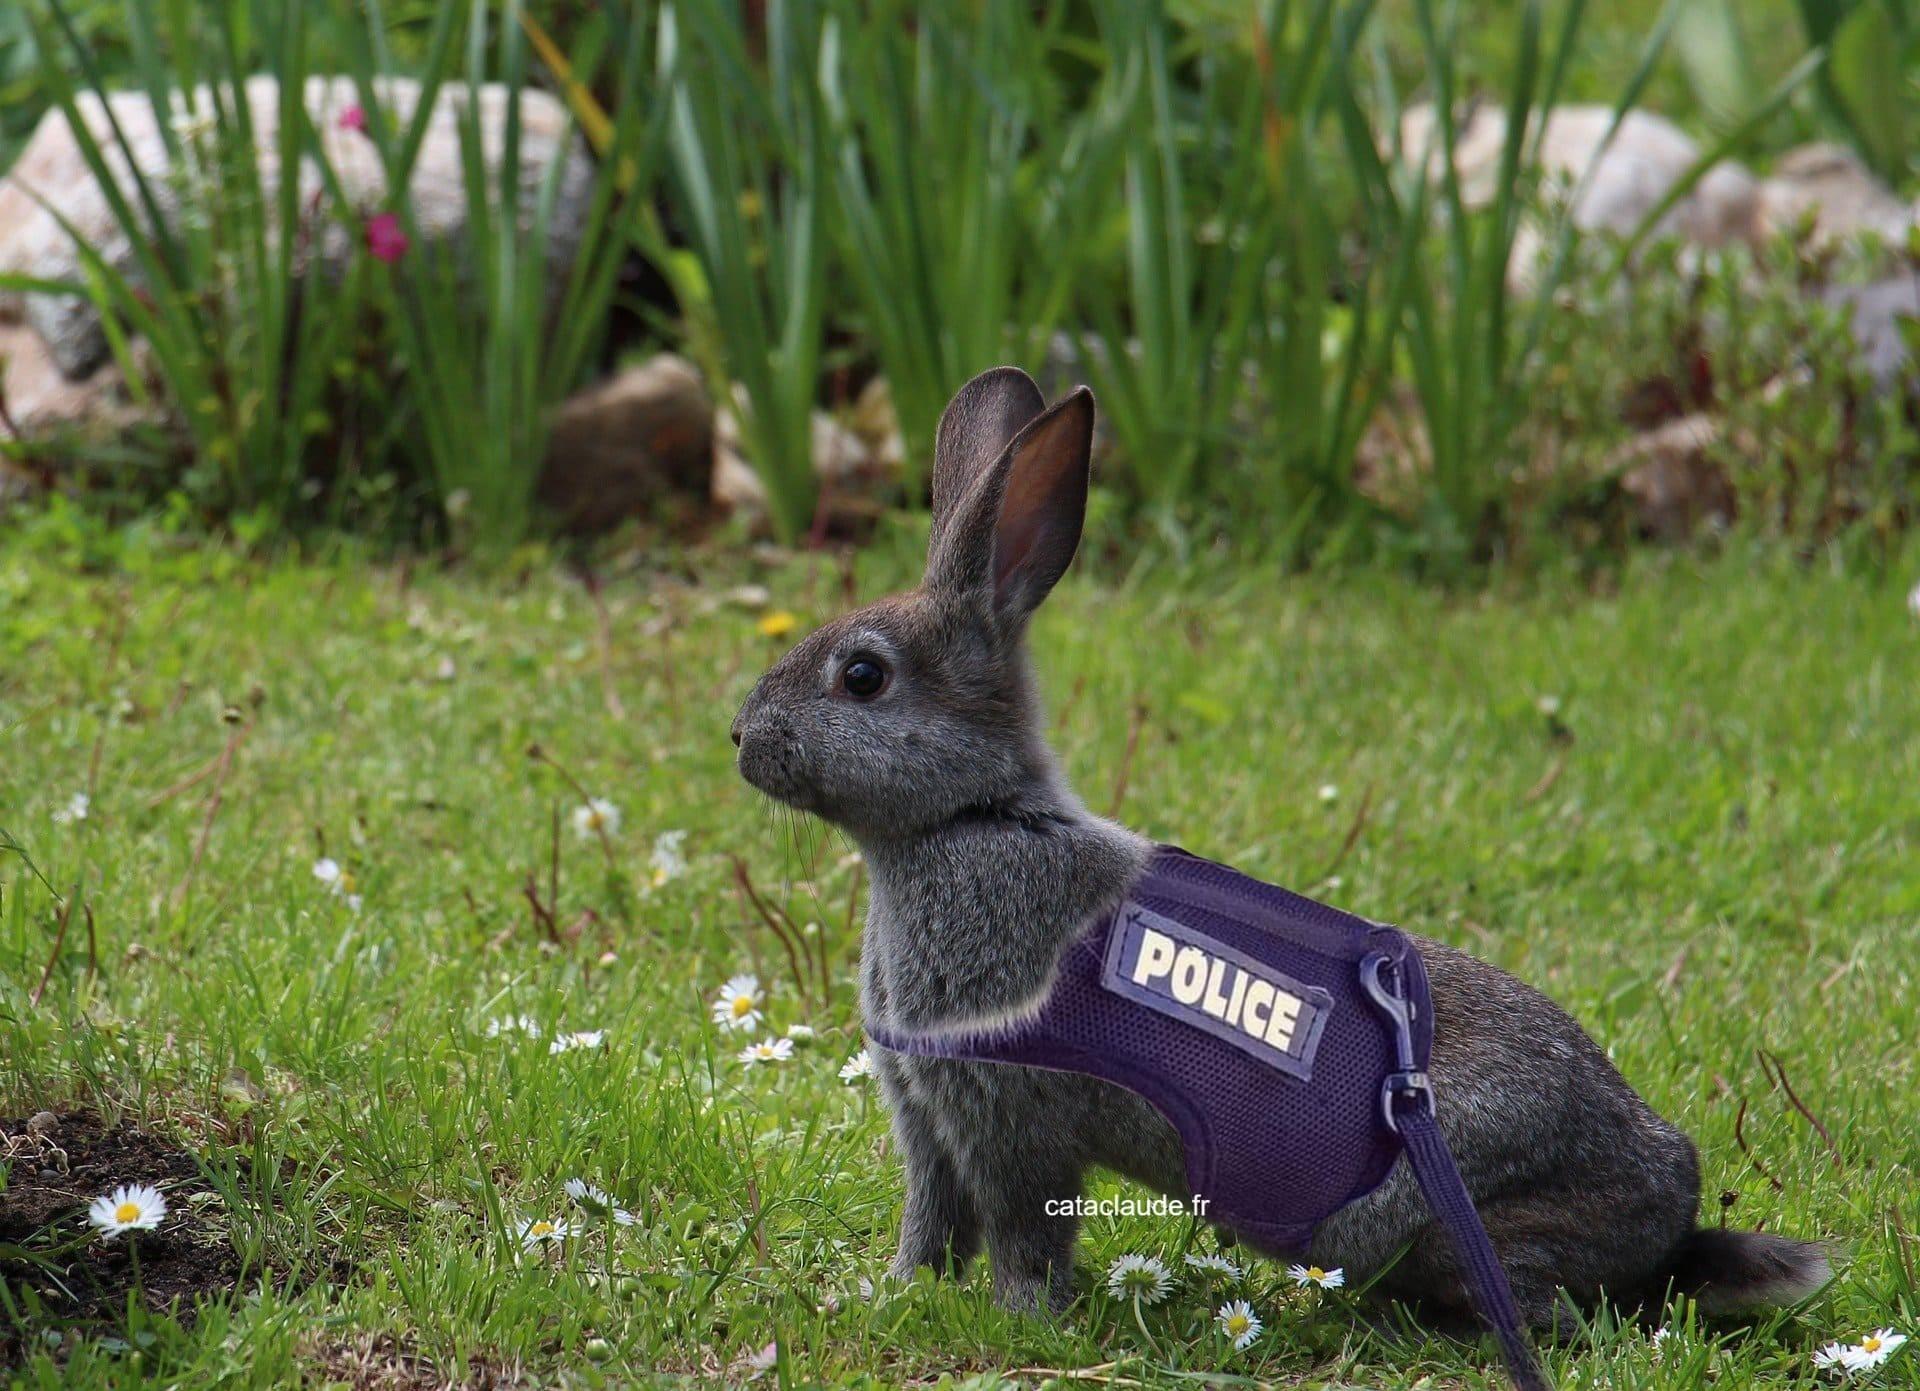 Joyeuses Pâques. Cataclaude fr creation site internet Mulhouse 68 souhaite de joyeuses fêtes de Pâques 2020 malgré le confinement.